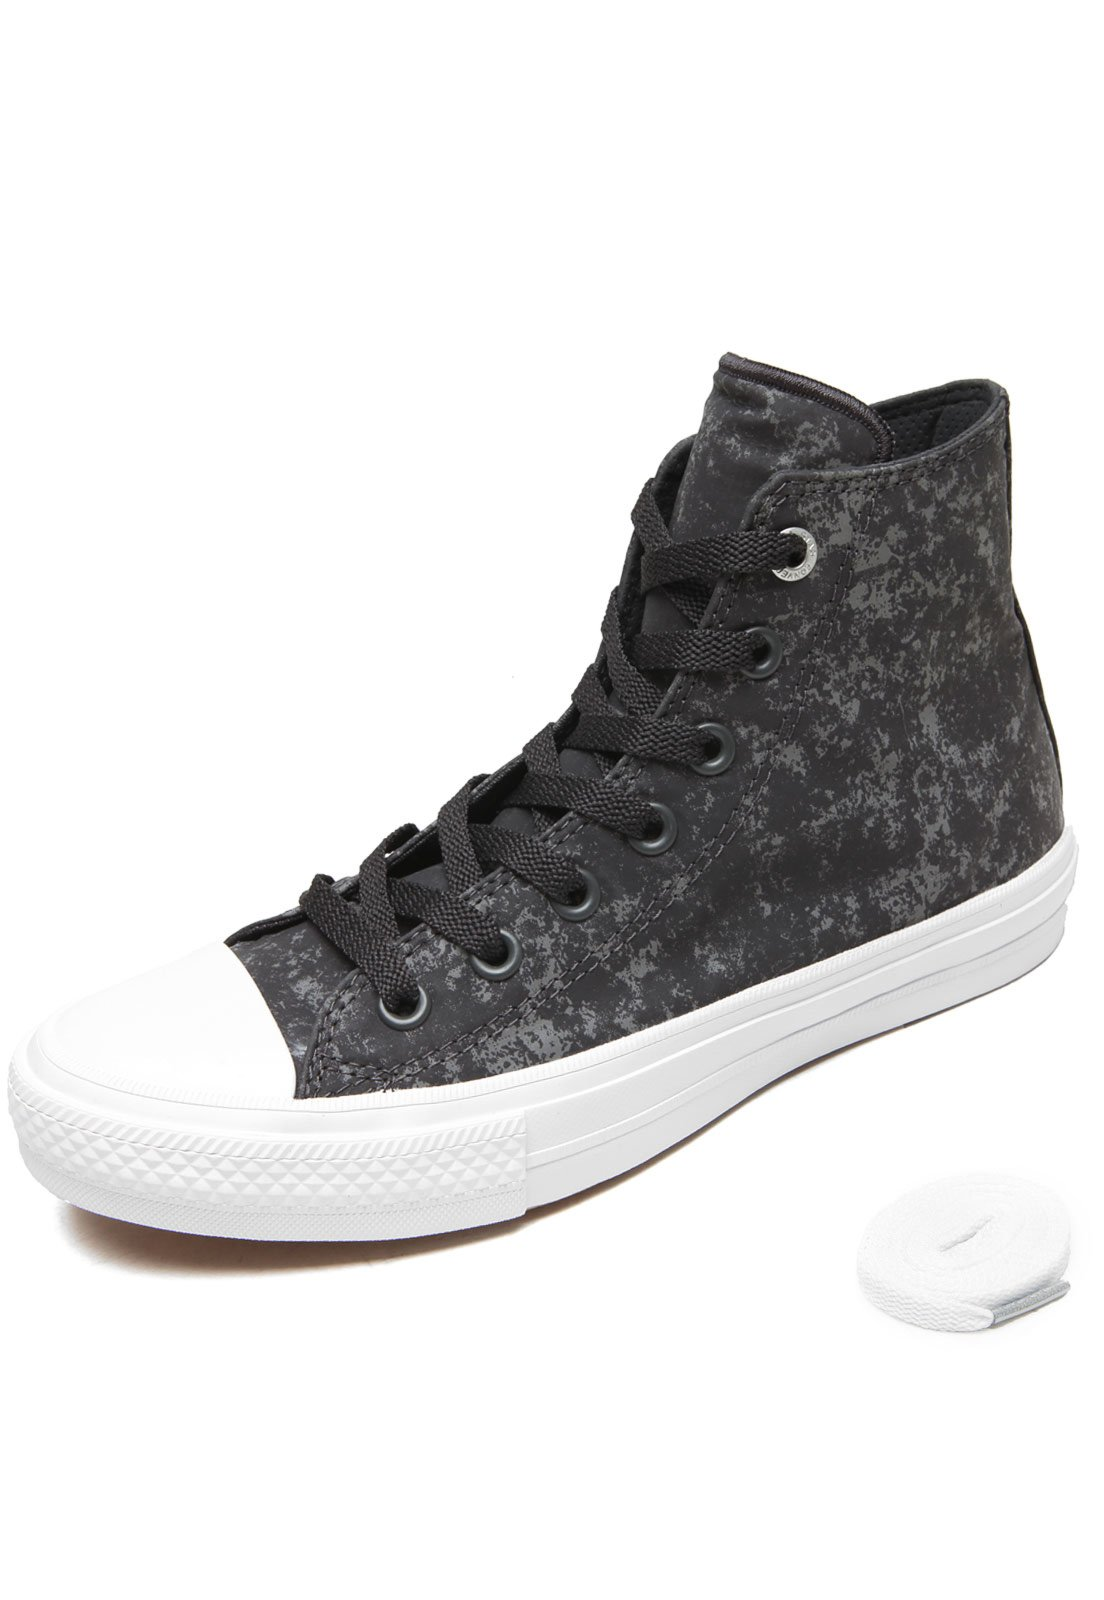 937ad7650907b Sneakers de cano alto